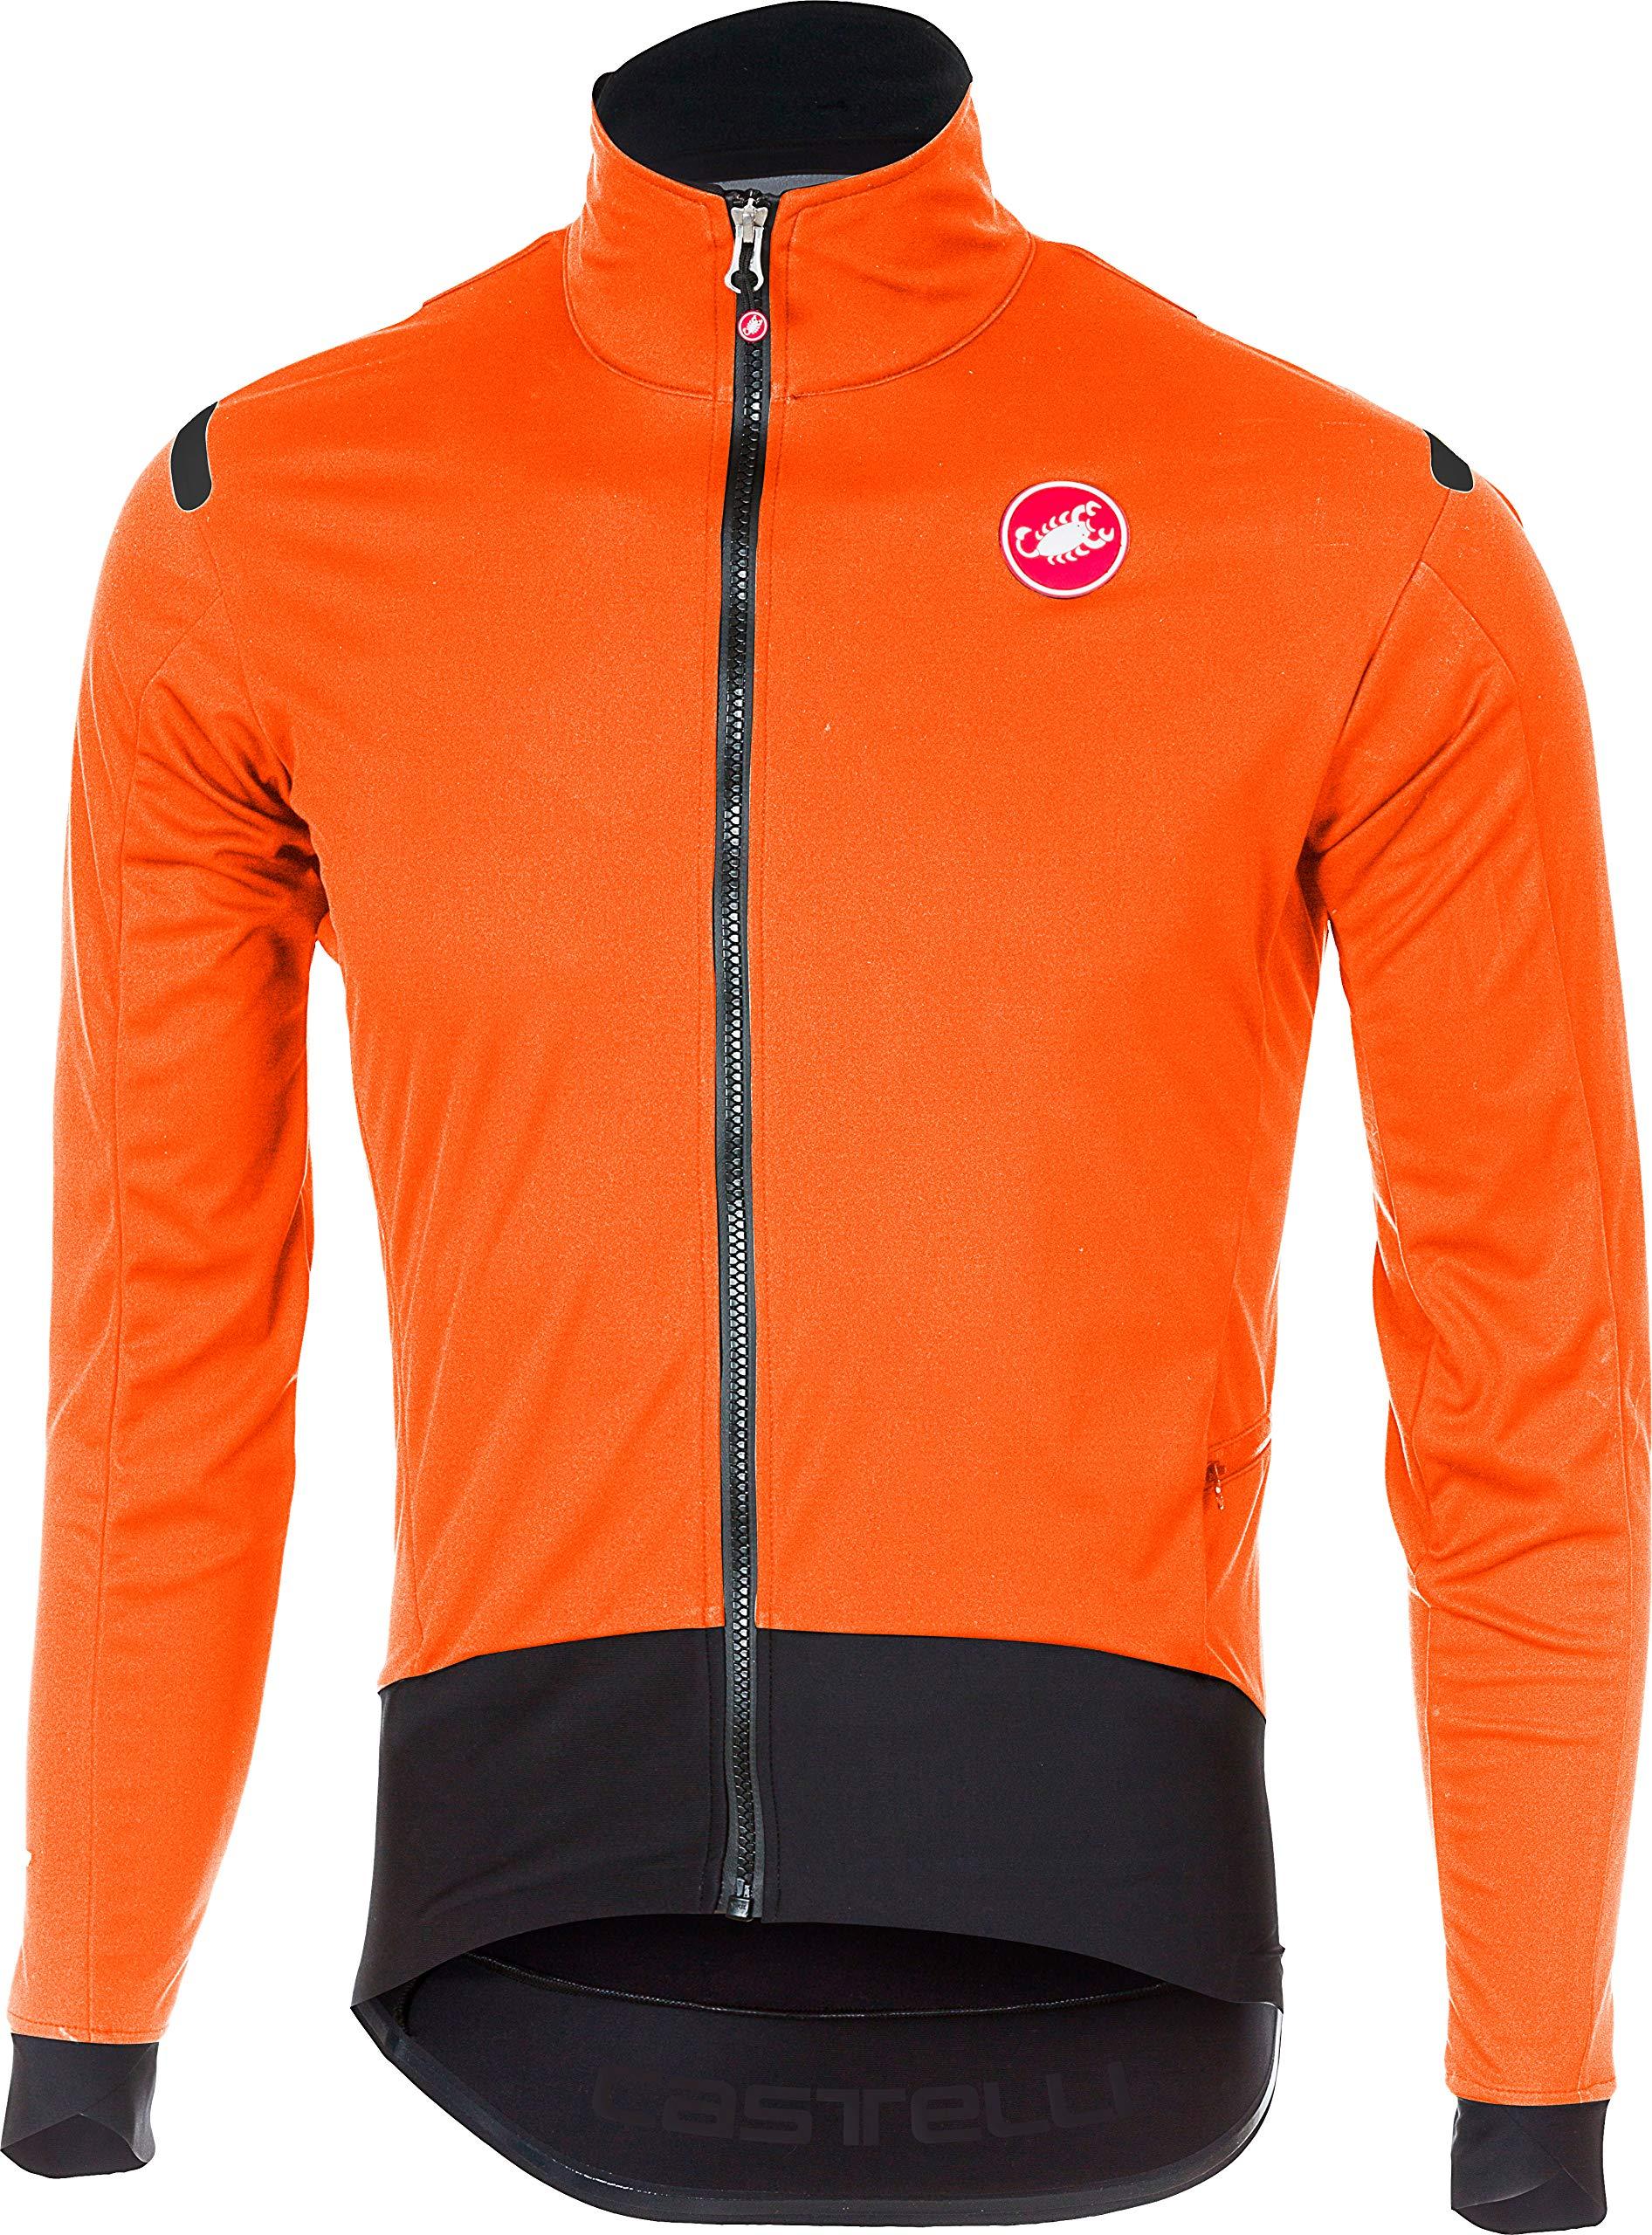 Castelli Alpha ROS Light Jacket - Men's Orange/Black, S